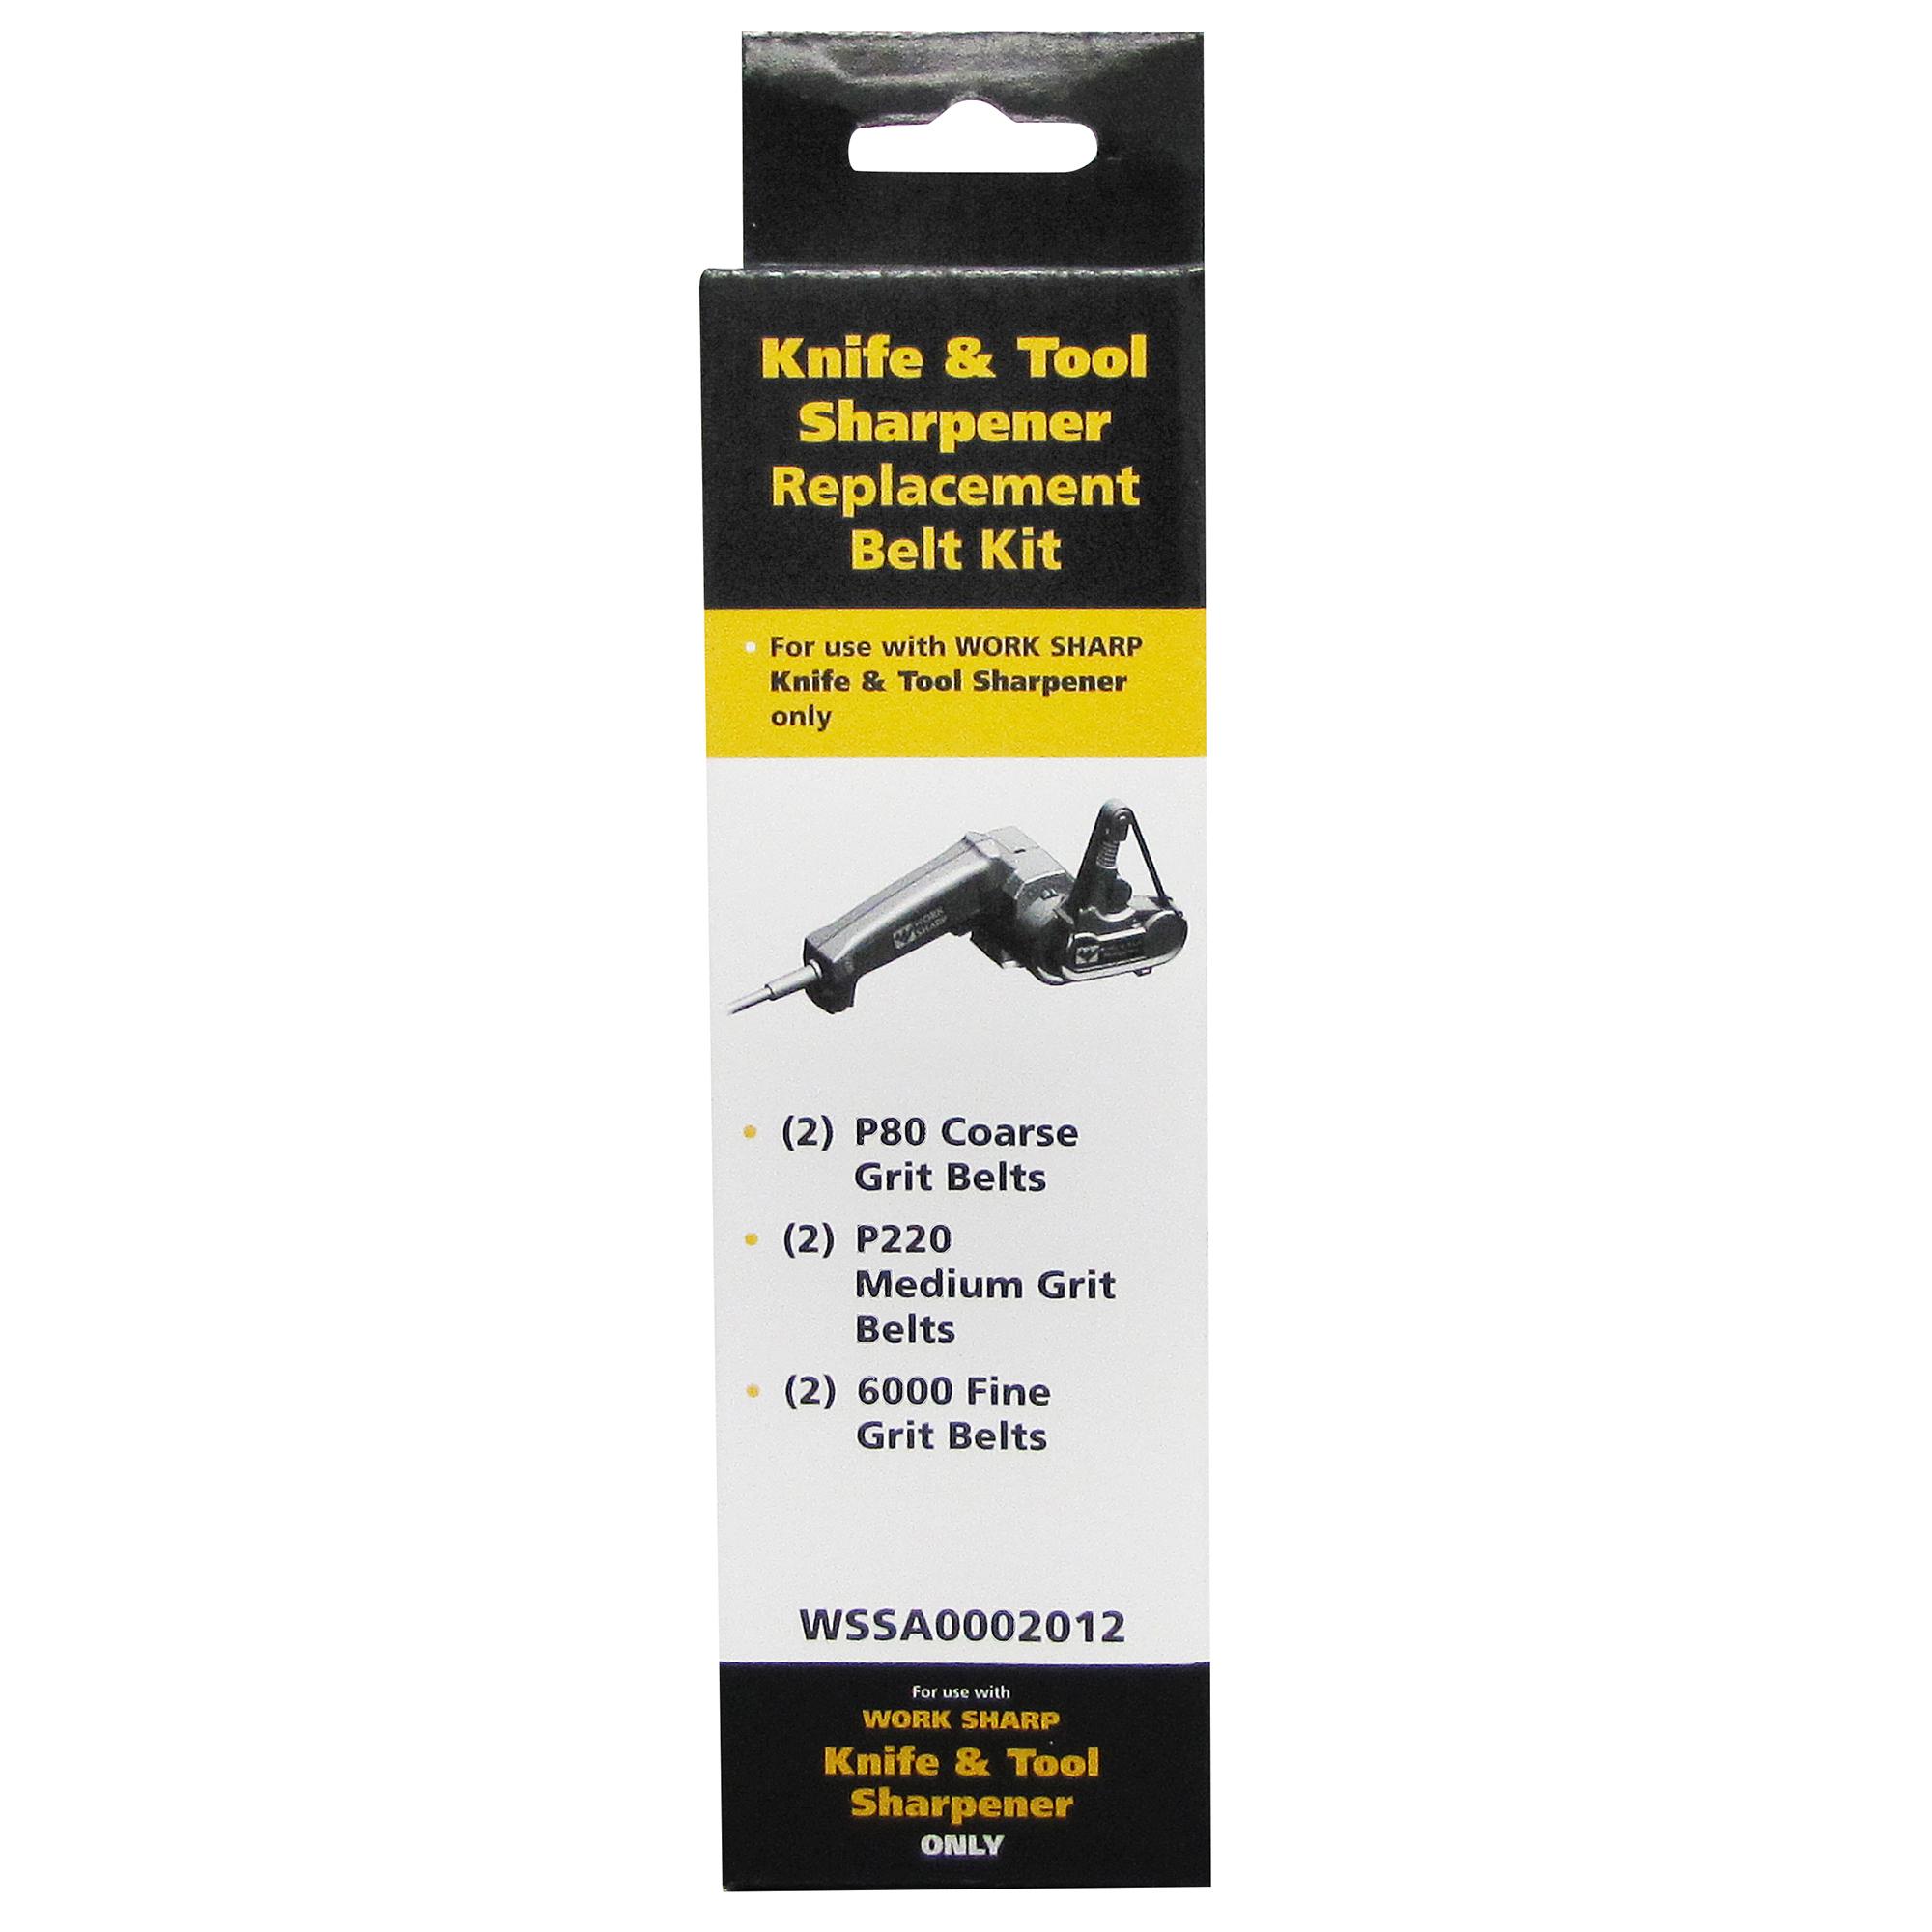 Work Sharp WSKTS Assorted Replacement Belt Accessory Kit, 1/2